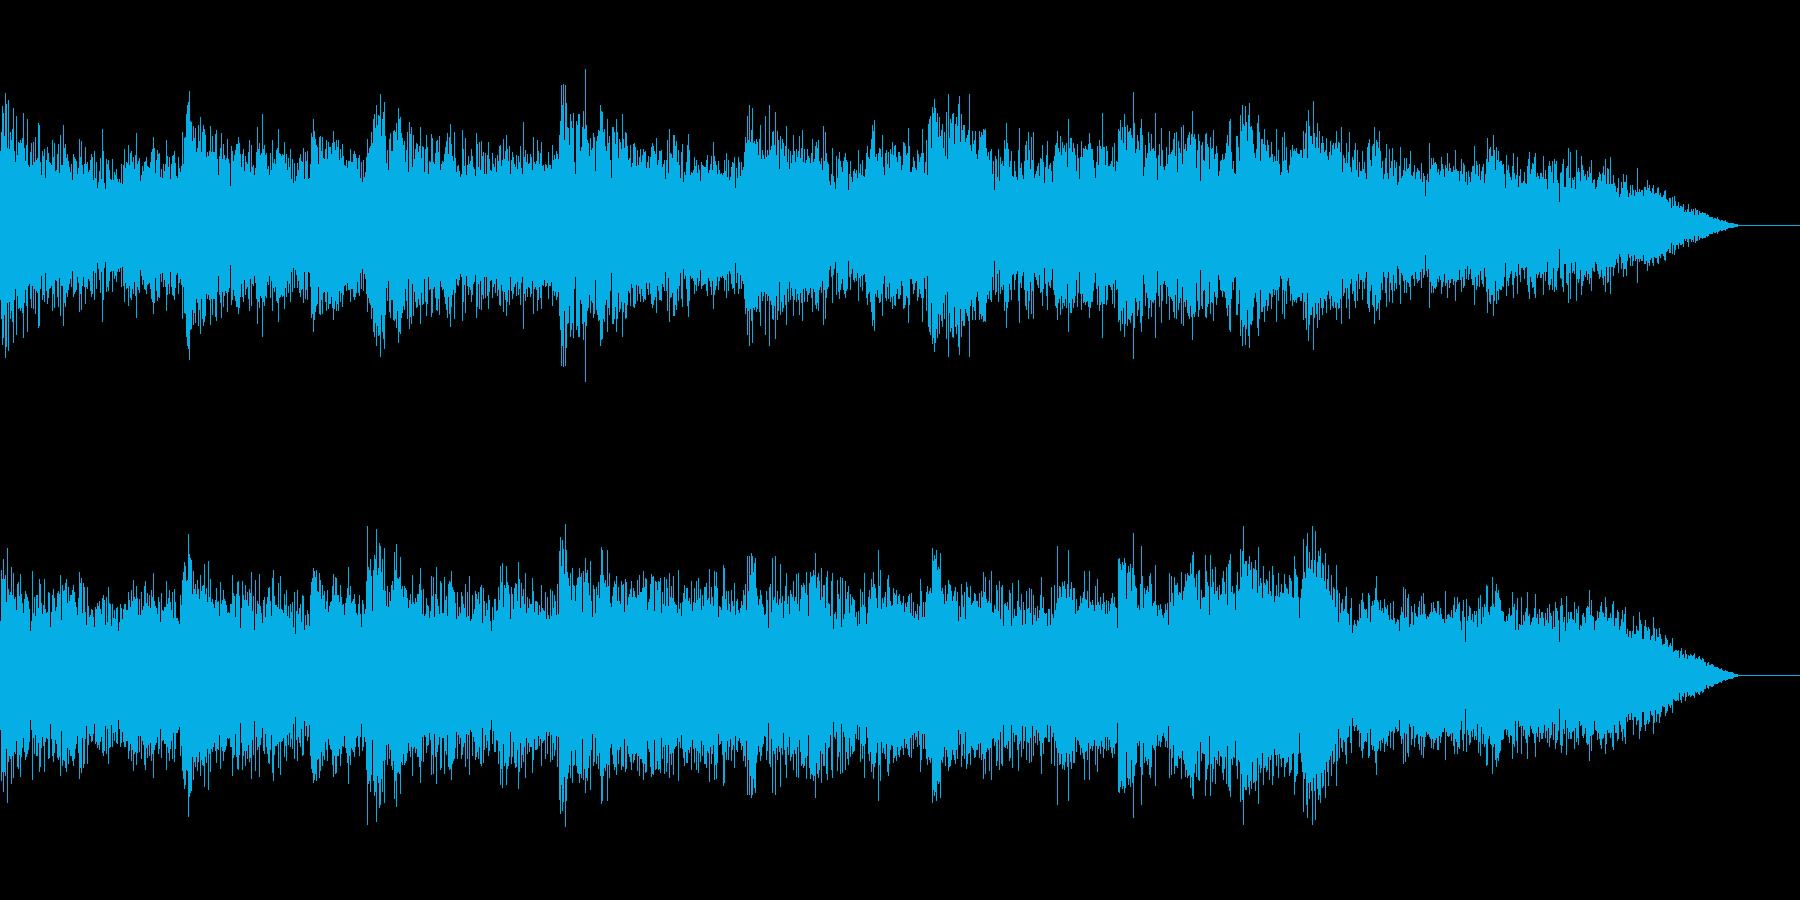 冬を感じるBGMの再生済みの波形